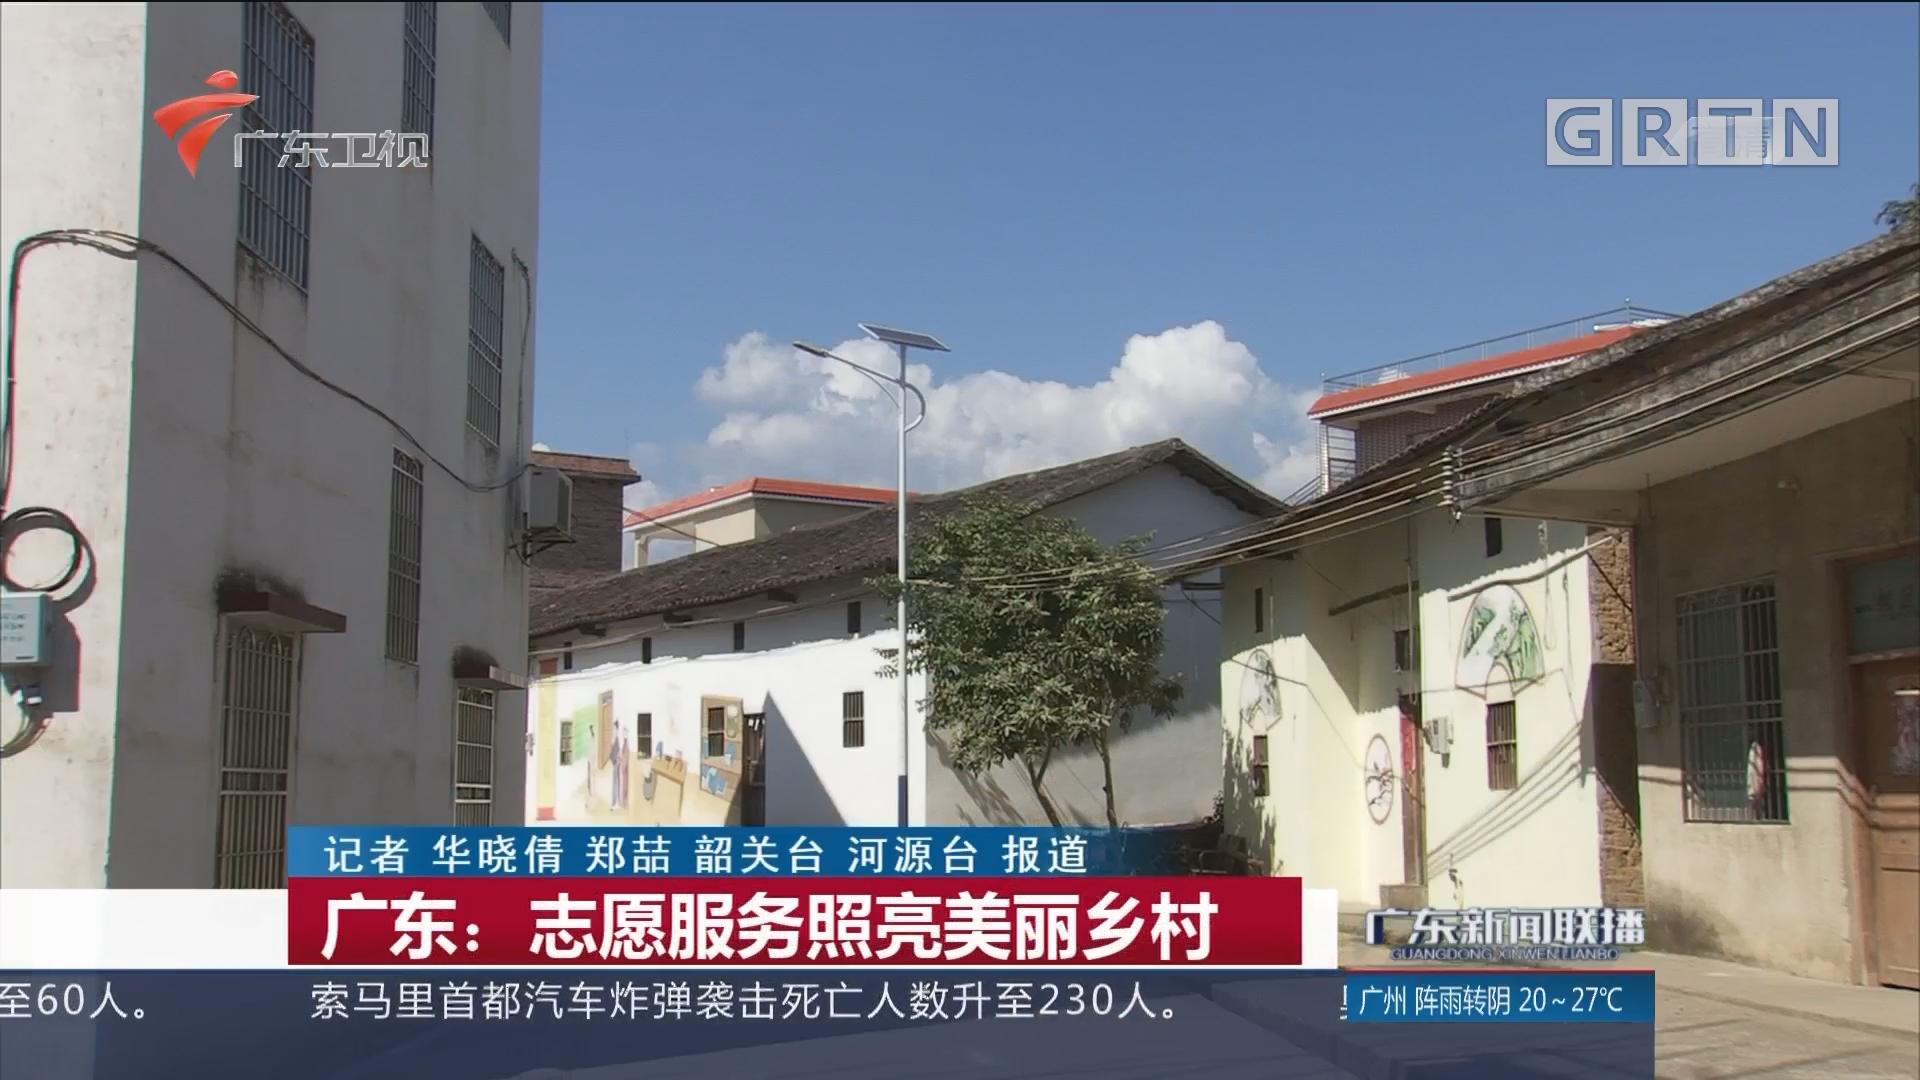 广东:志愿服务照亮美丽乡村